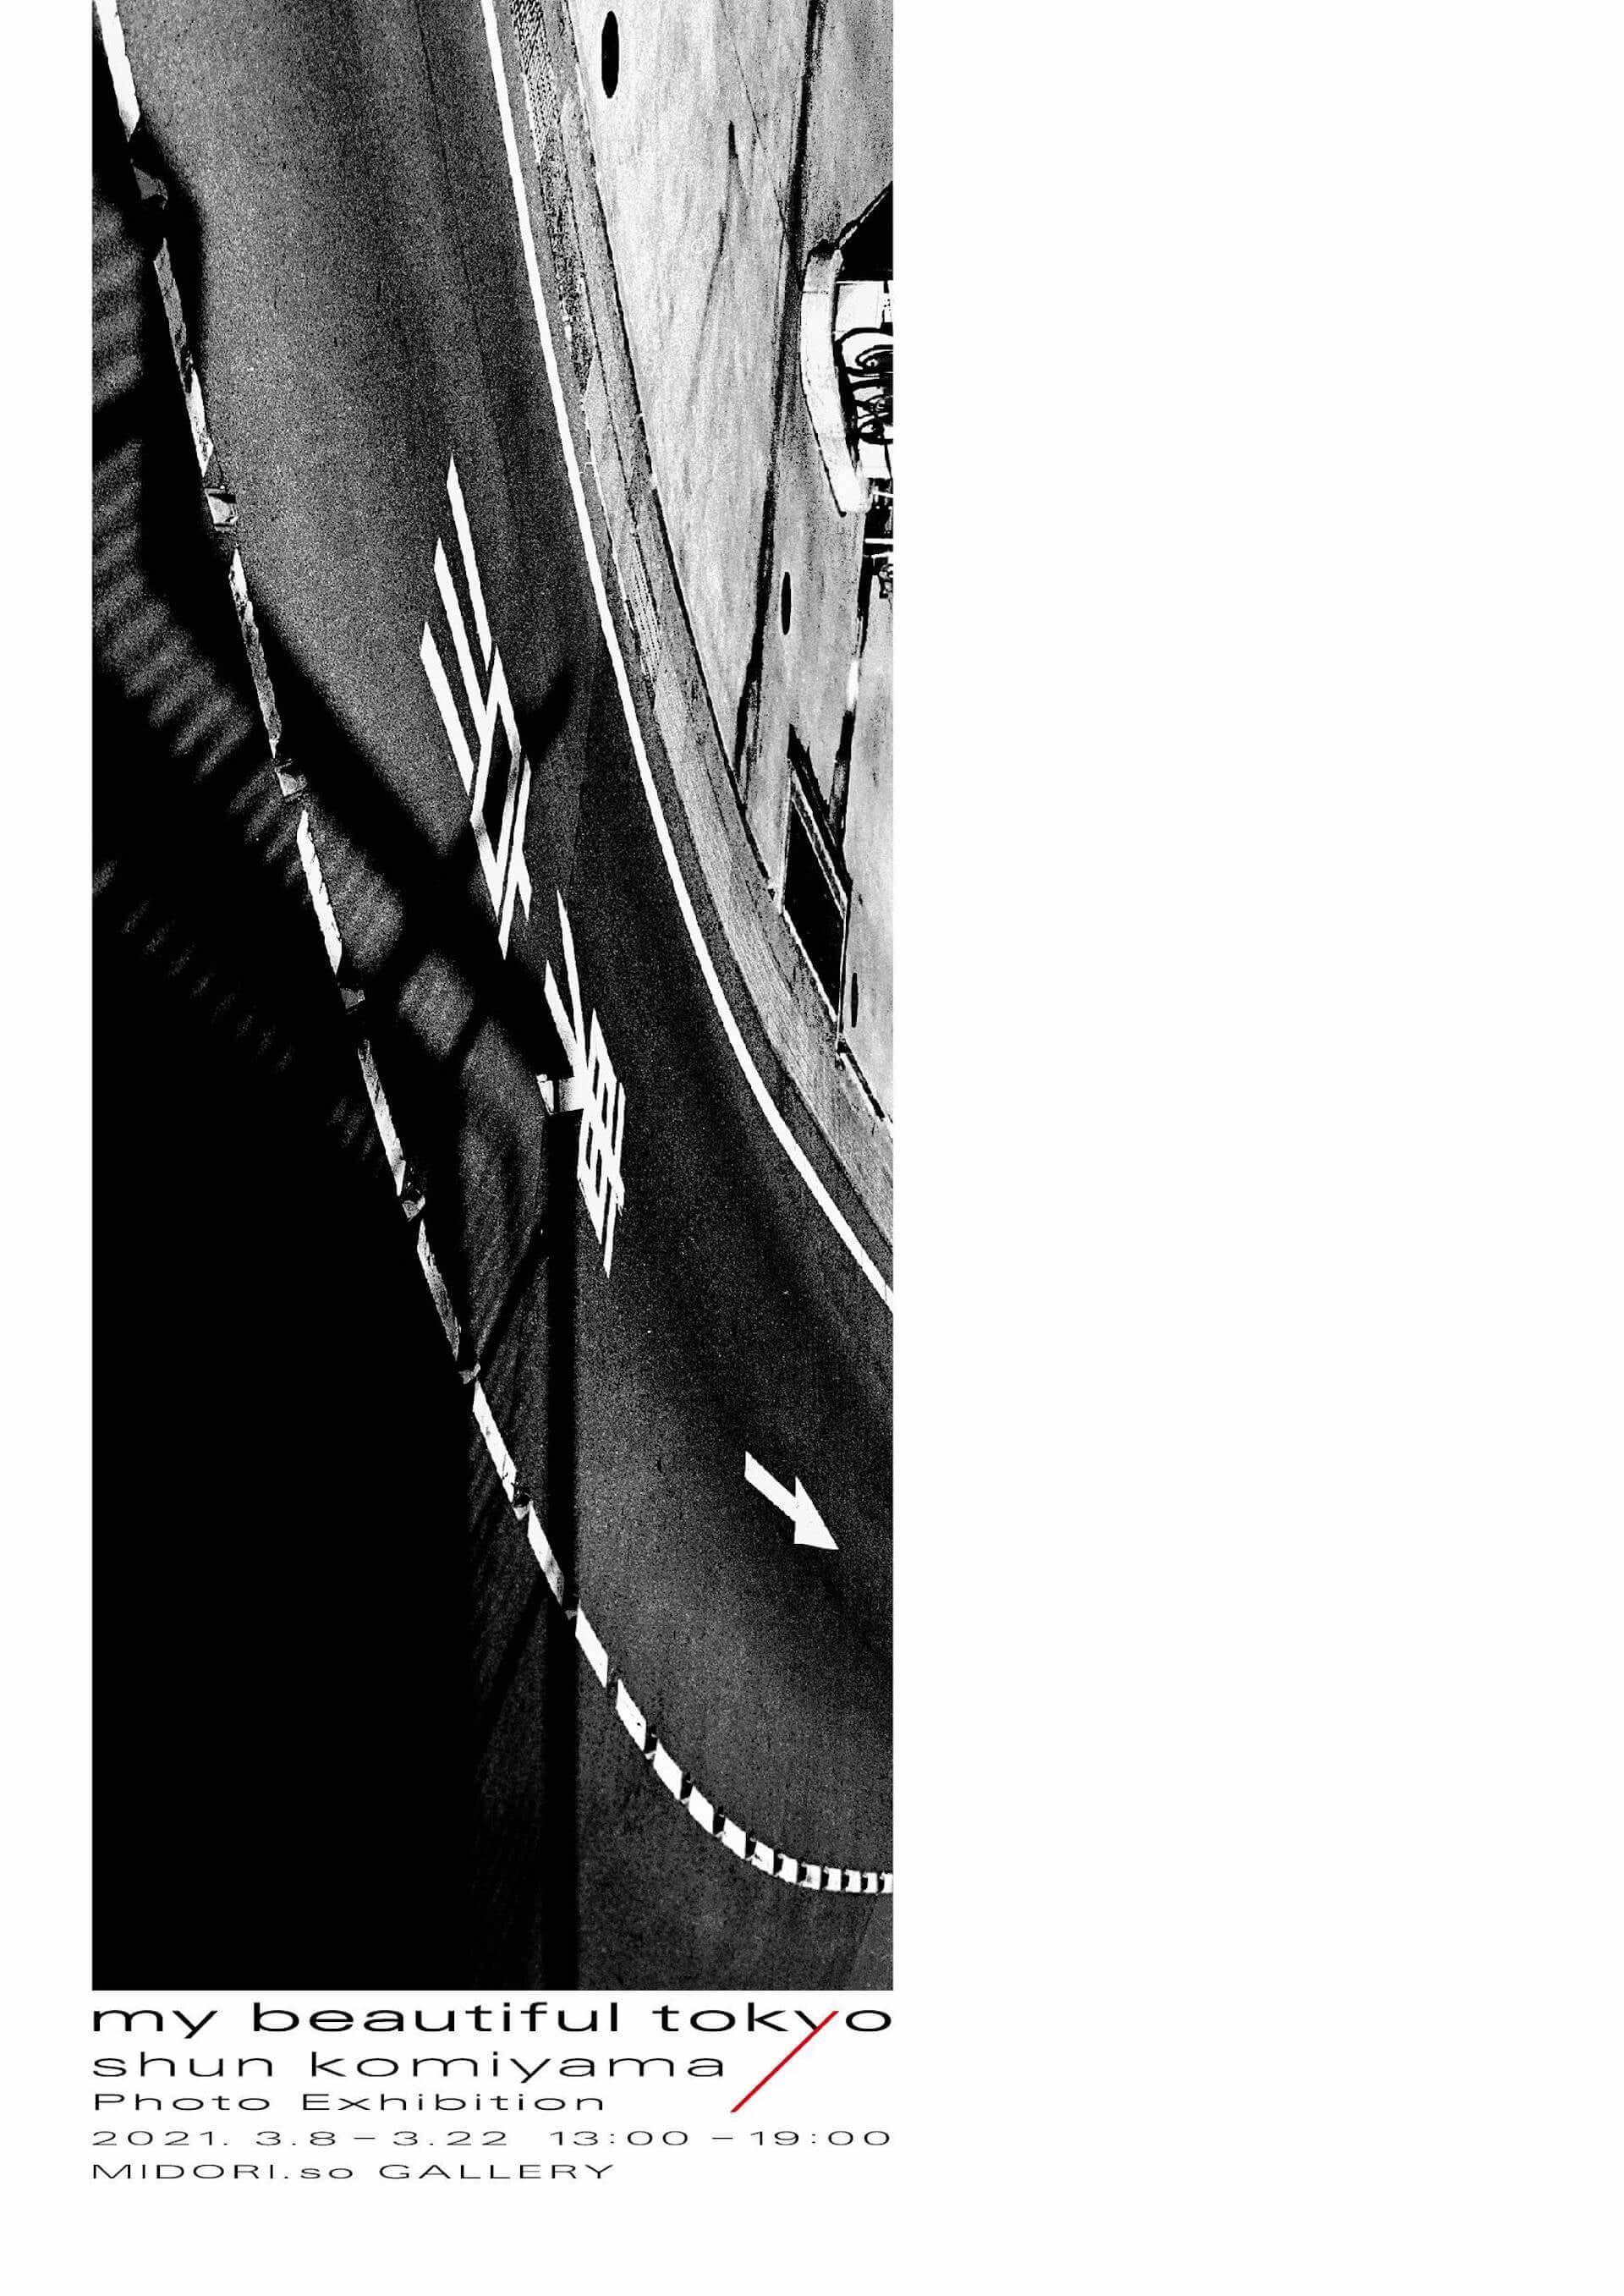 小見山峻の写真展<なにものでもないものたちの名づけかた>と<my beautiful tokyo>がMIDORI.so GALLERYにて同時開催決定! art210304_shun-komiyama_2-1920x2714